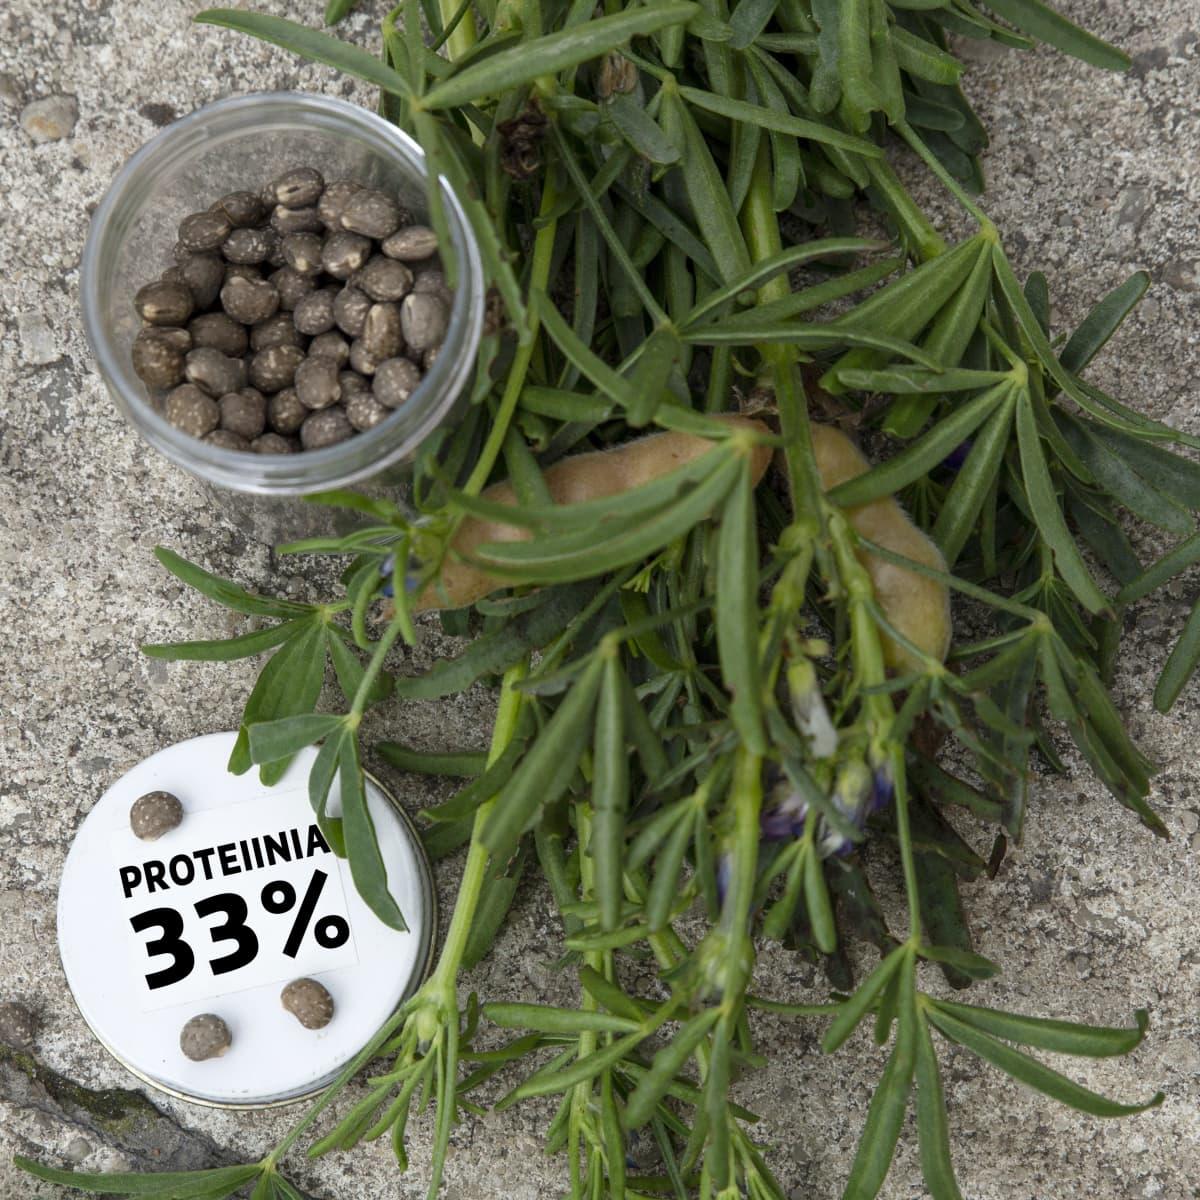 Sinilupiinin siemeniä ja kyltti: proteiinia 33%.